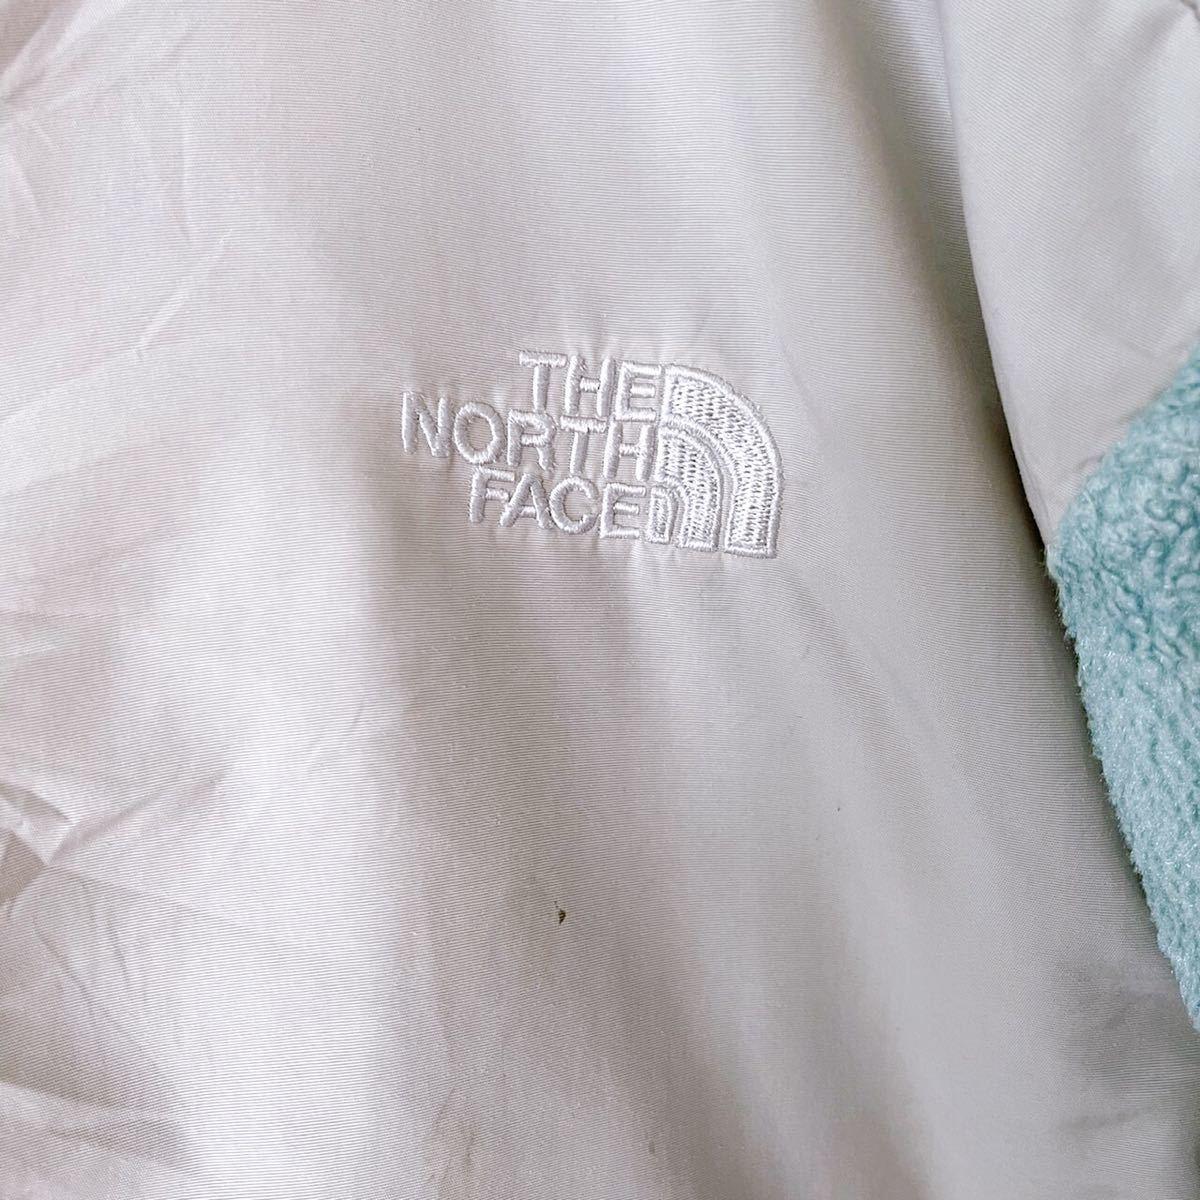 ノースフェイス 古着 レディース フリース デナリジャケット ブルー青水色 XL THE NORTH FACE ナイロン